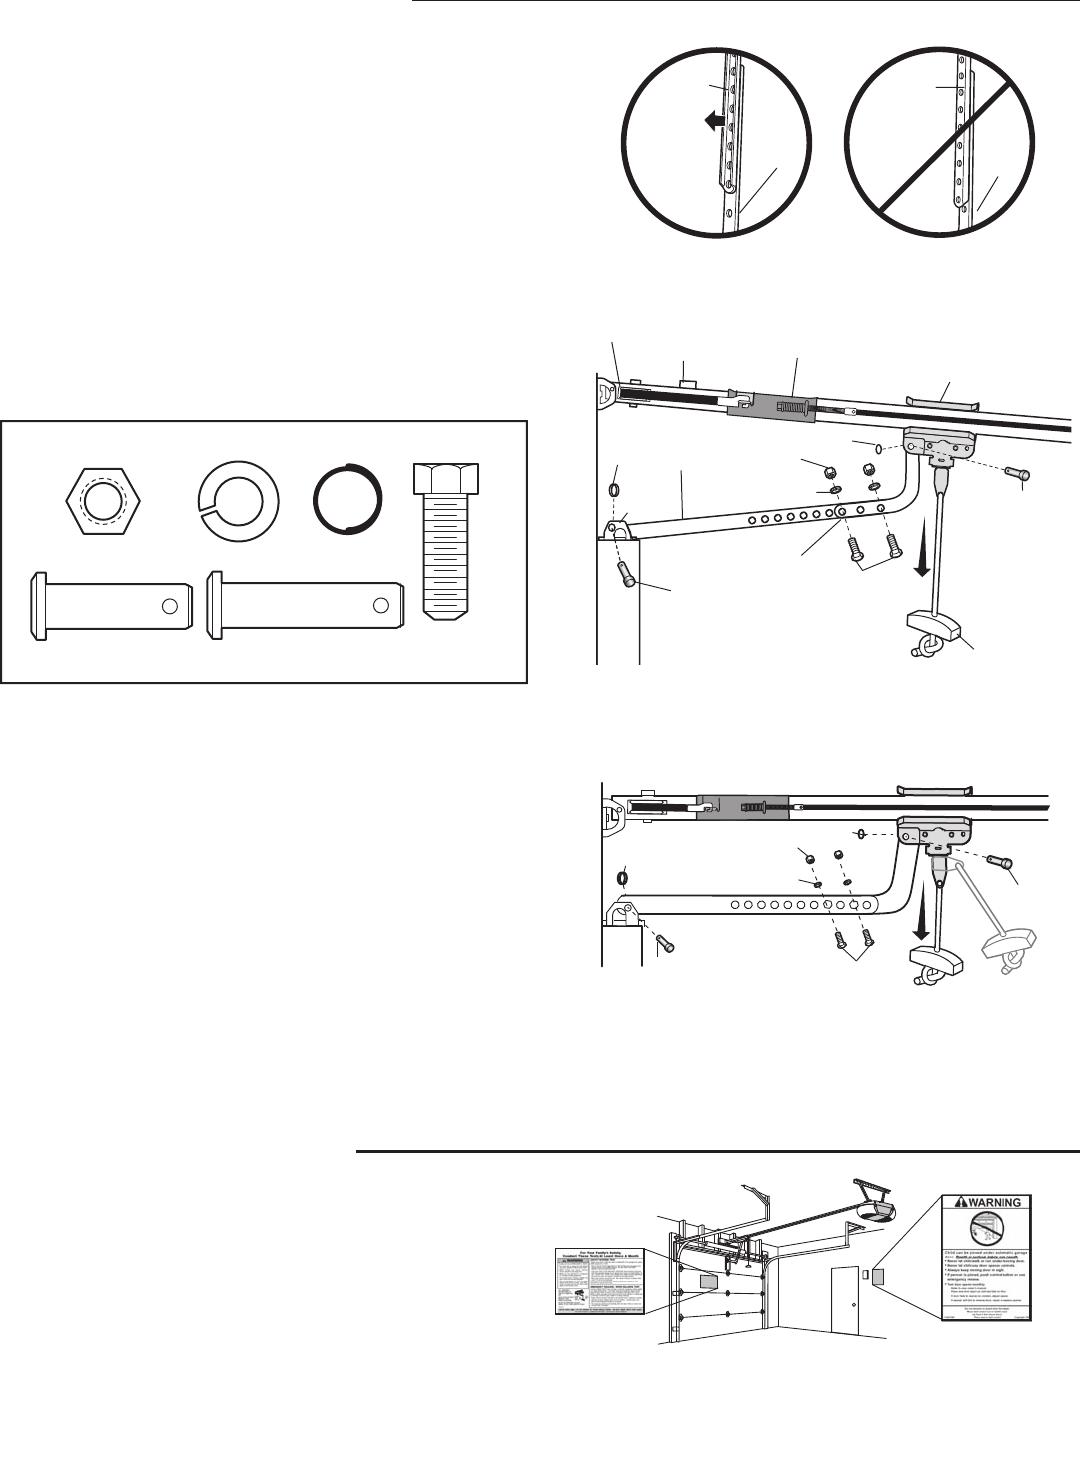 Craftsman ¾ Hps Ultra Quiet Belt Drive Garage Door